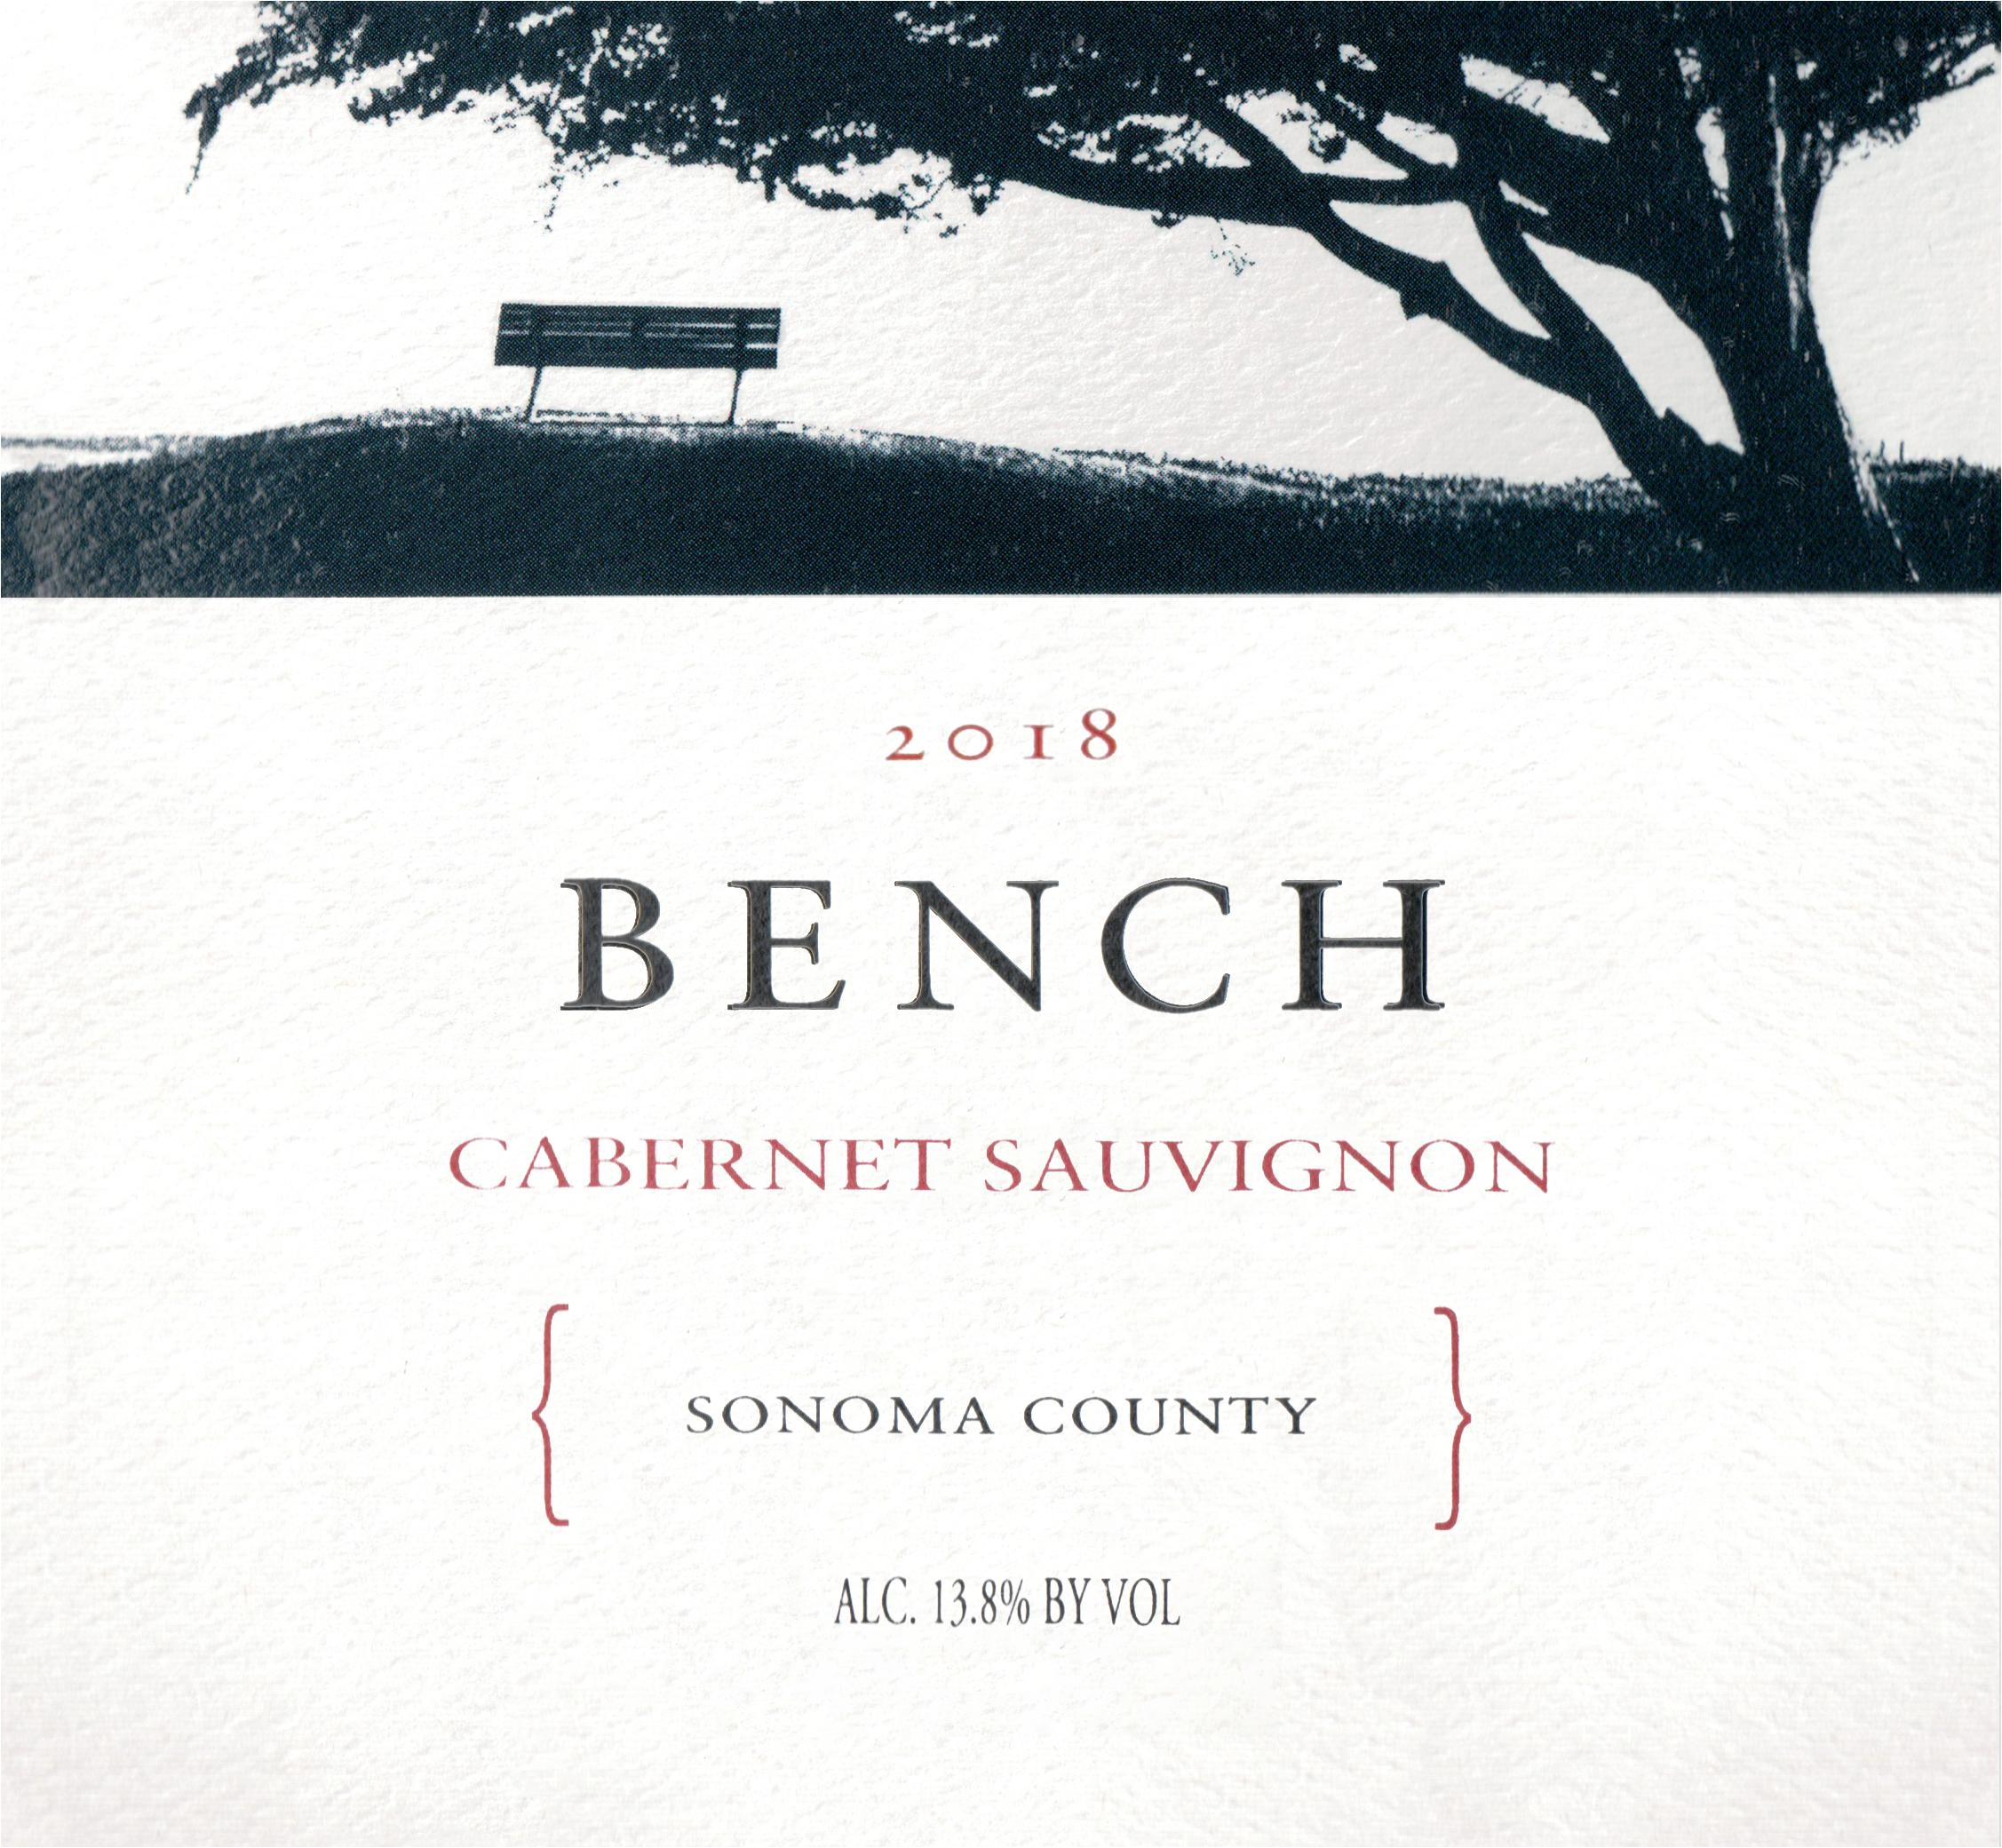 Bench Sonoma Cabernet Sauvignon 2018